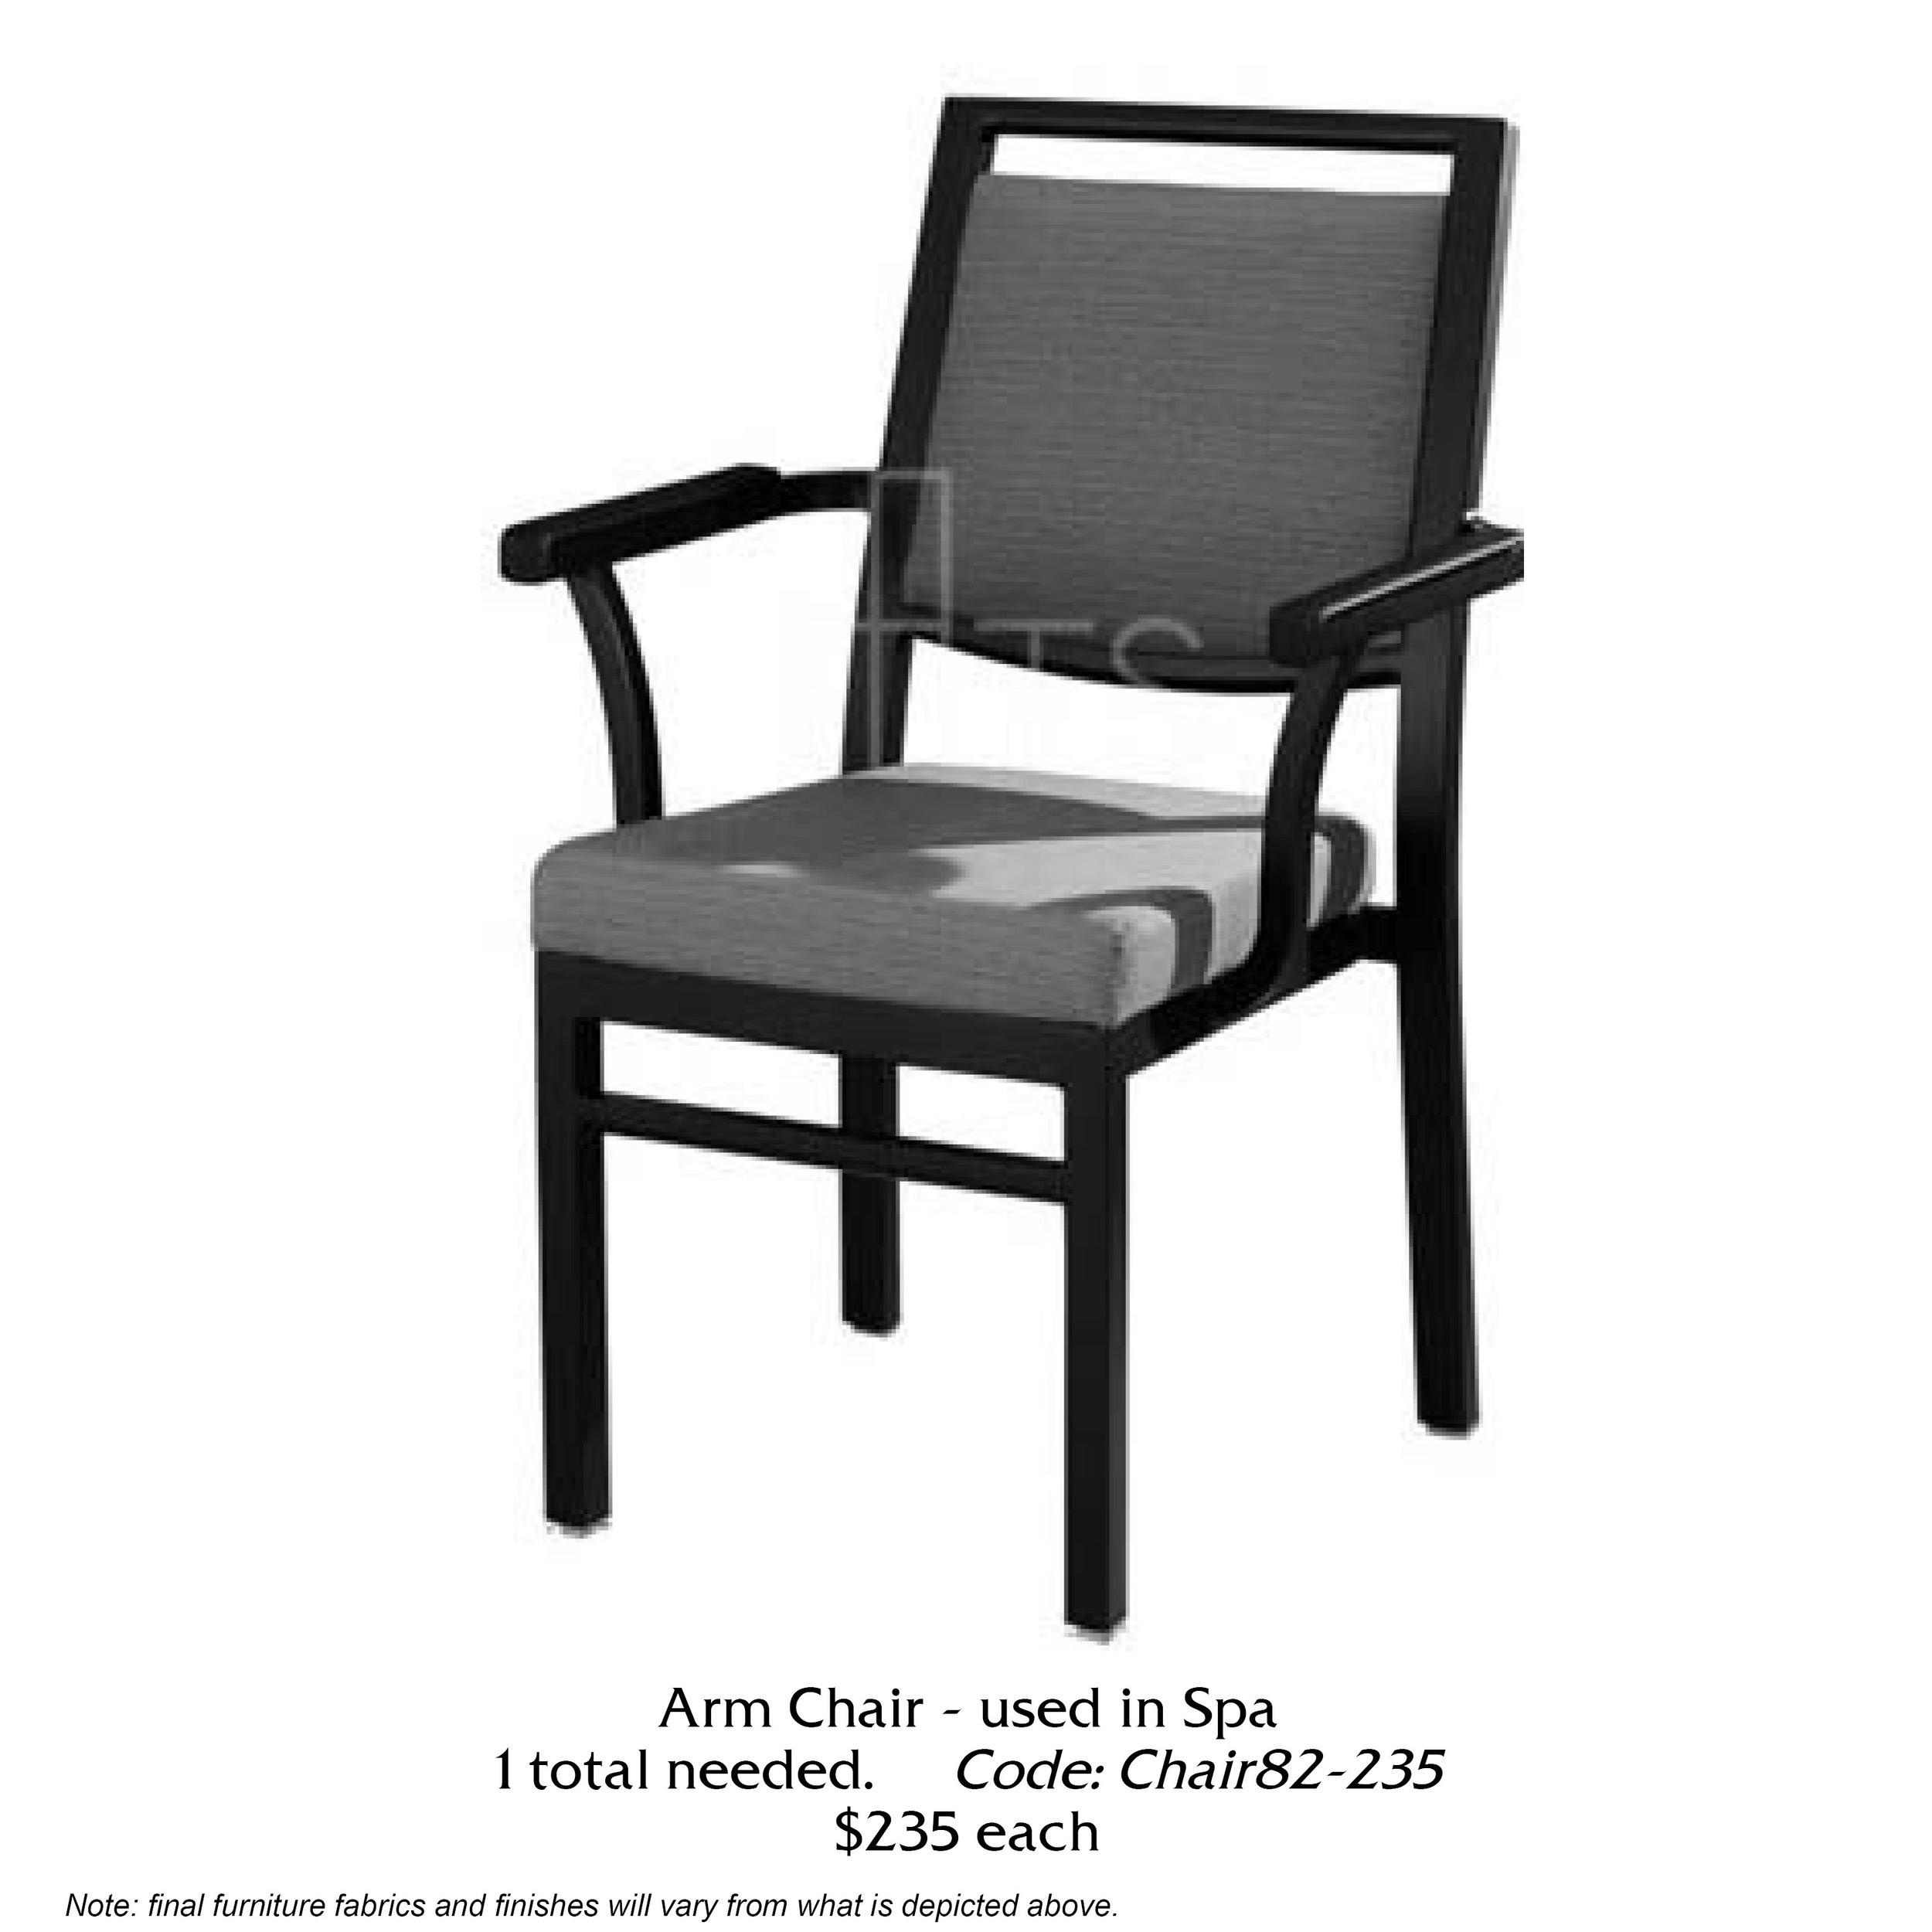 B134-F82-Arm Chair - 1.jpg